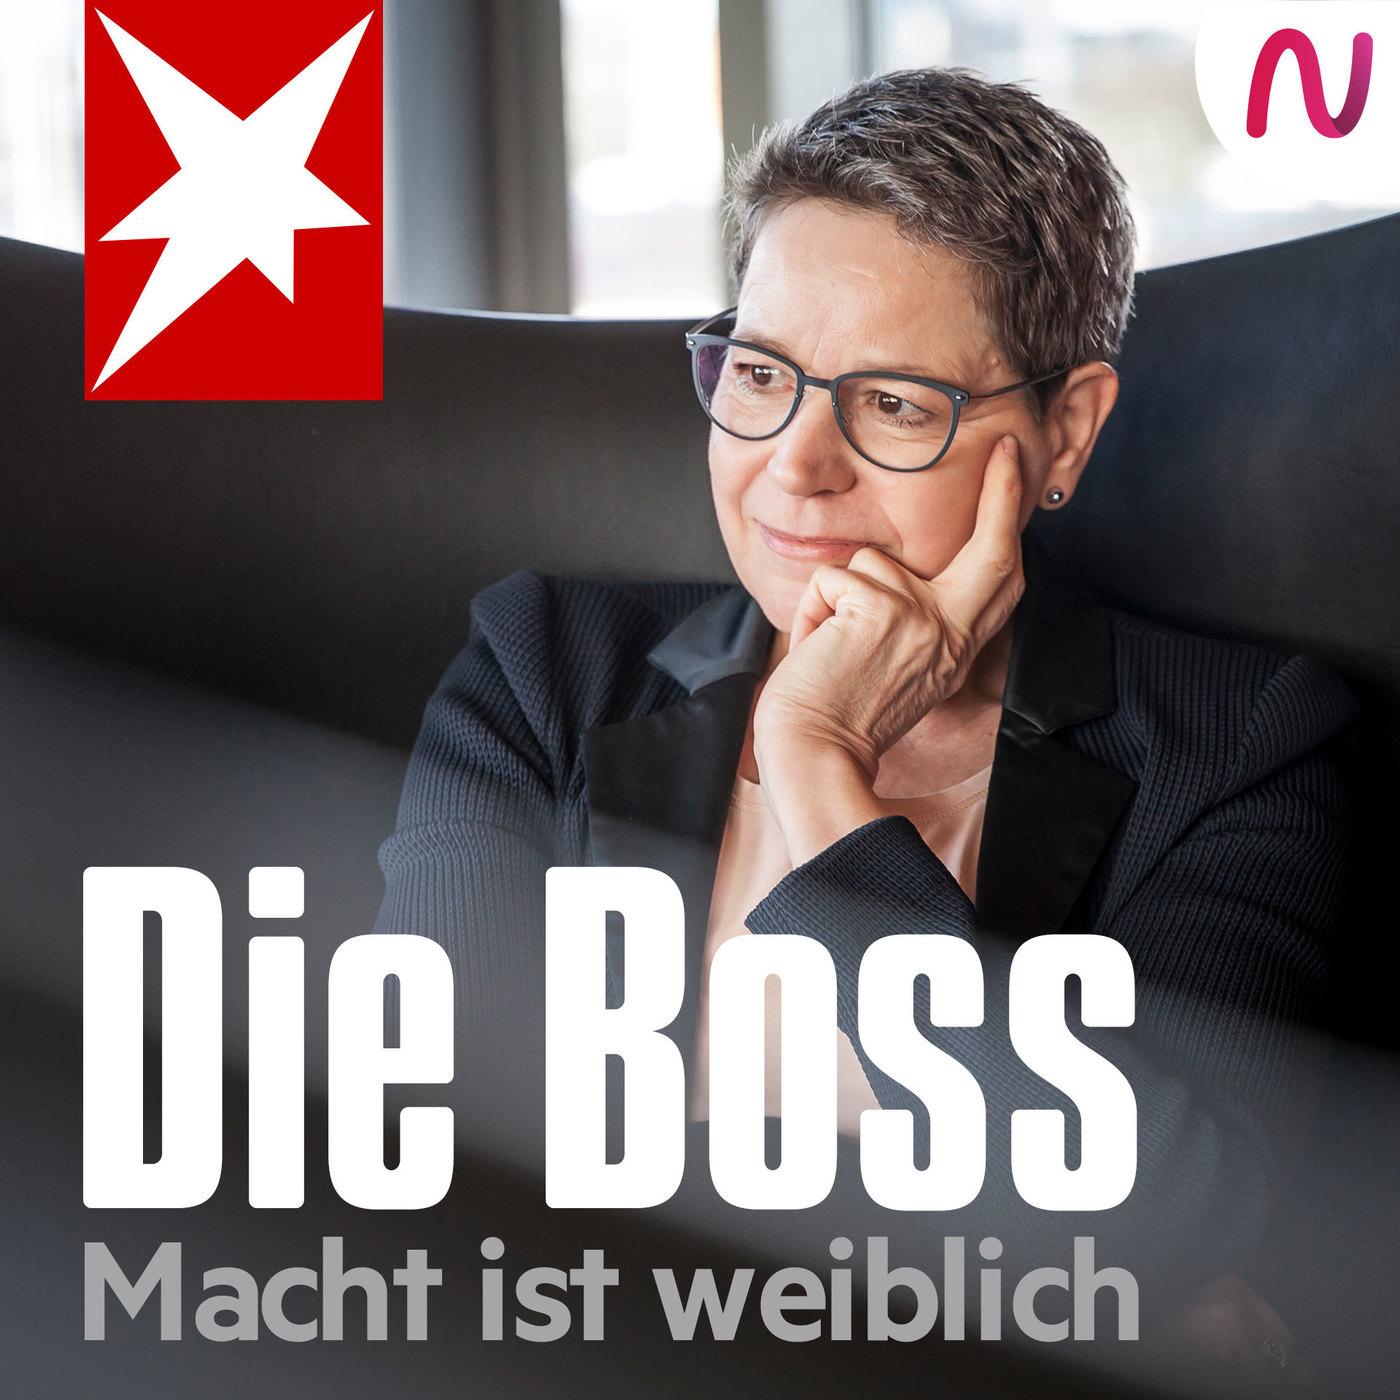 Janina Kugel, Beraterin und Ex-Siemens-Personalchefin